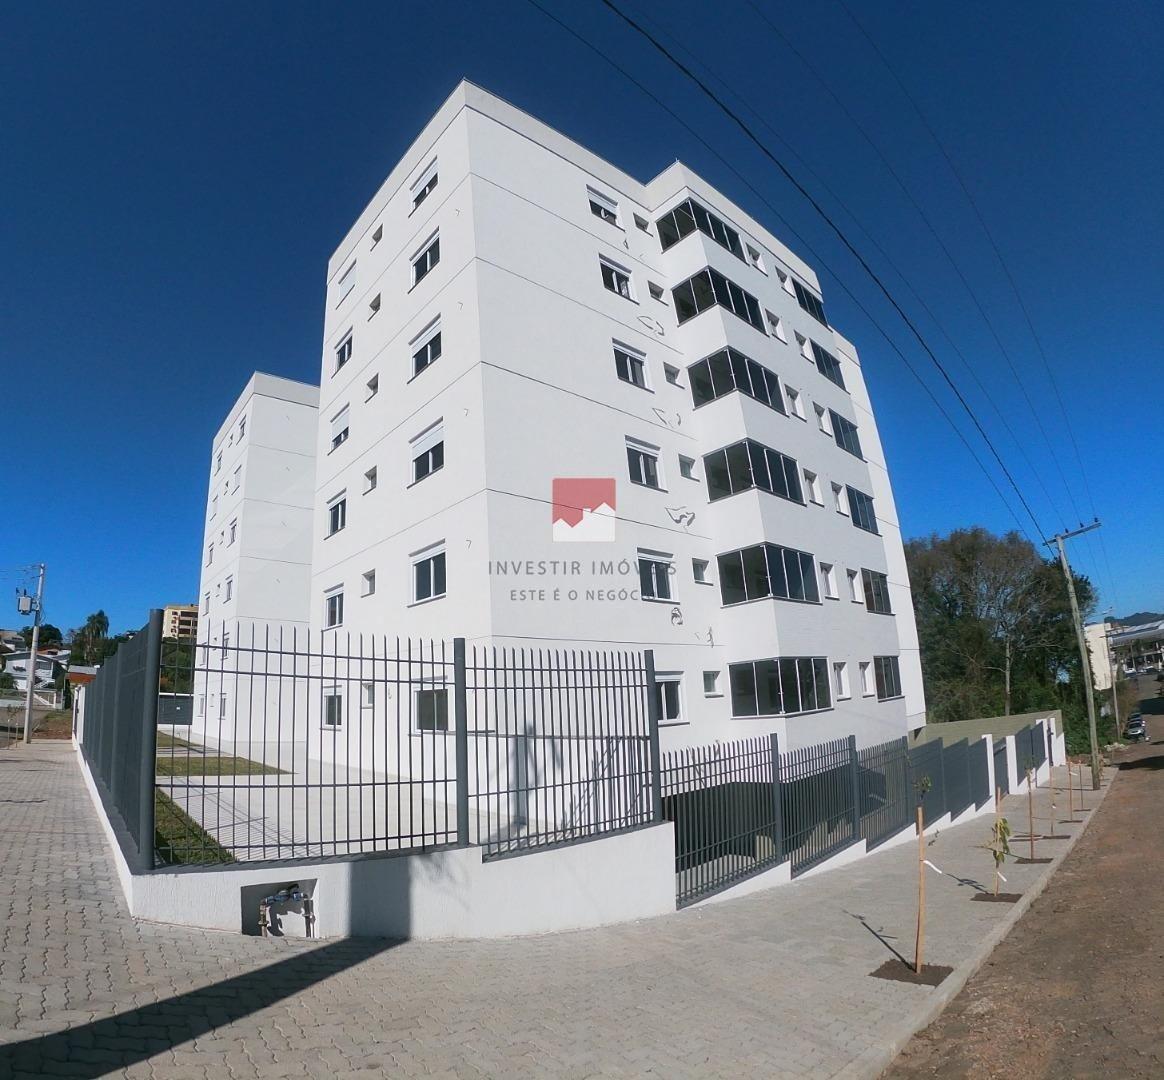 Apartamento com 2 dormitórios no bairro Floresta, Dois Irmãos